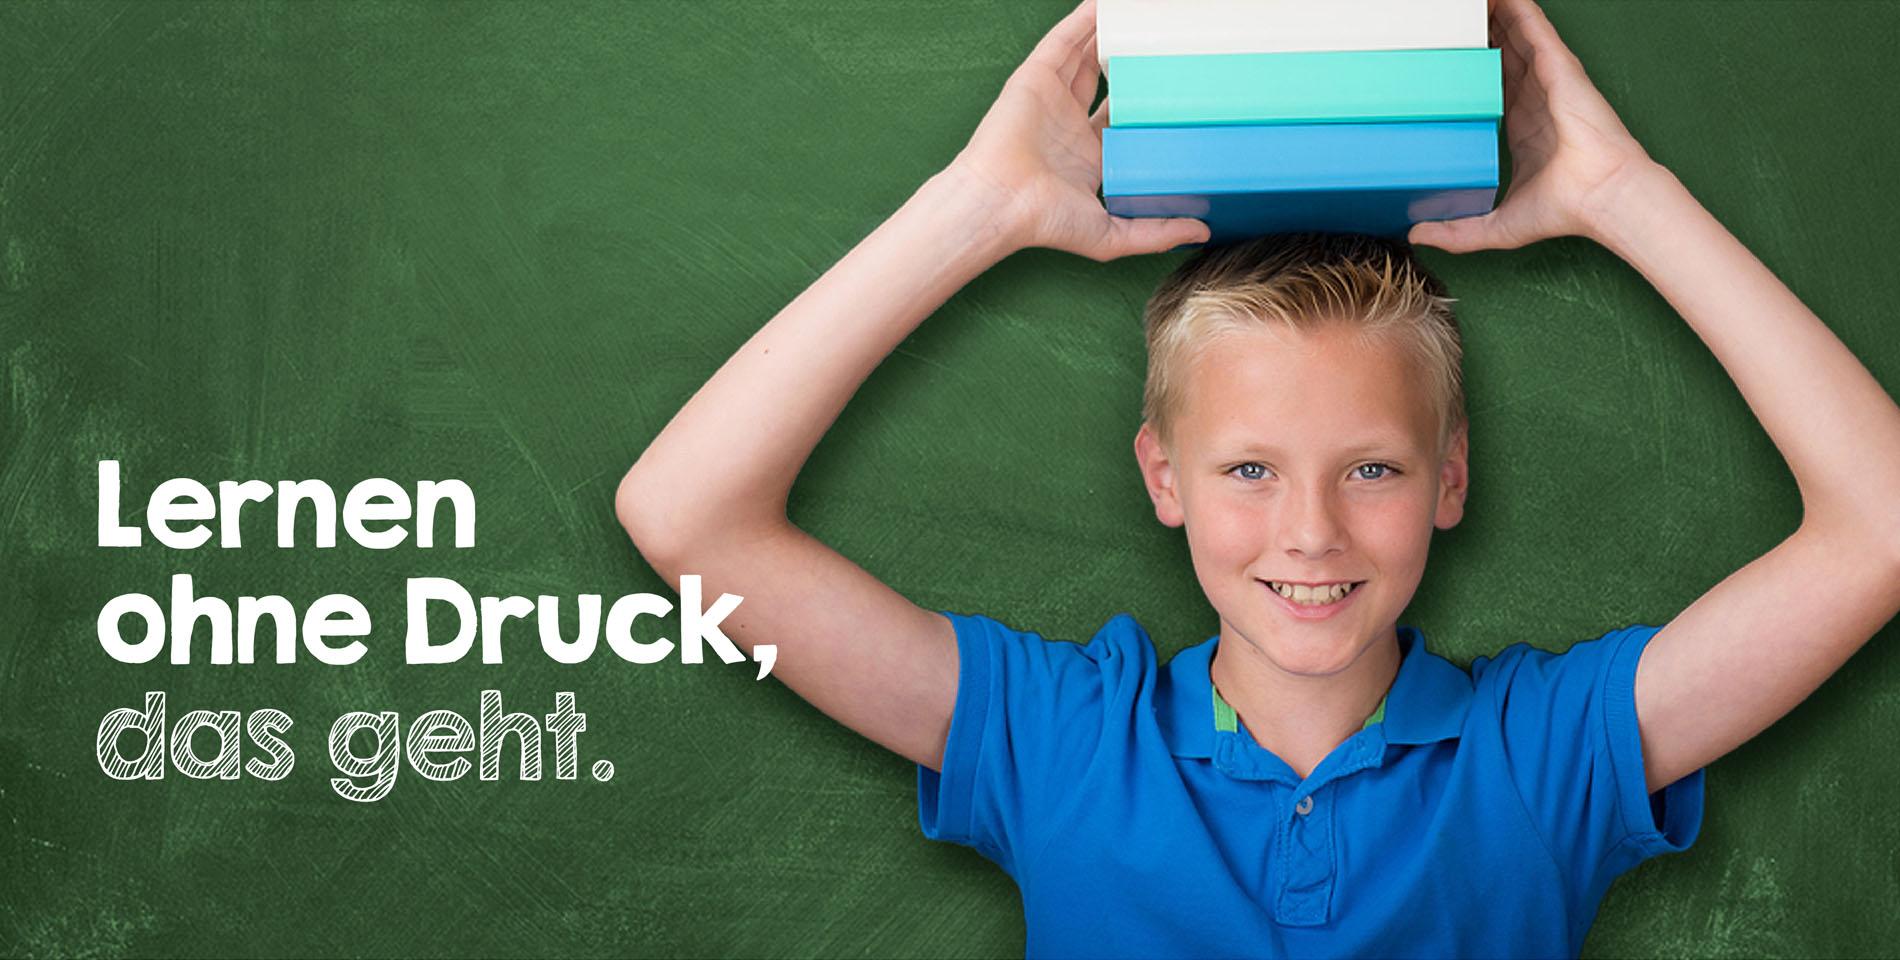 Prüfungsangst richtig lernen Motivation Lerncoaching Schüler Lernstrategien Lerntraining